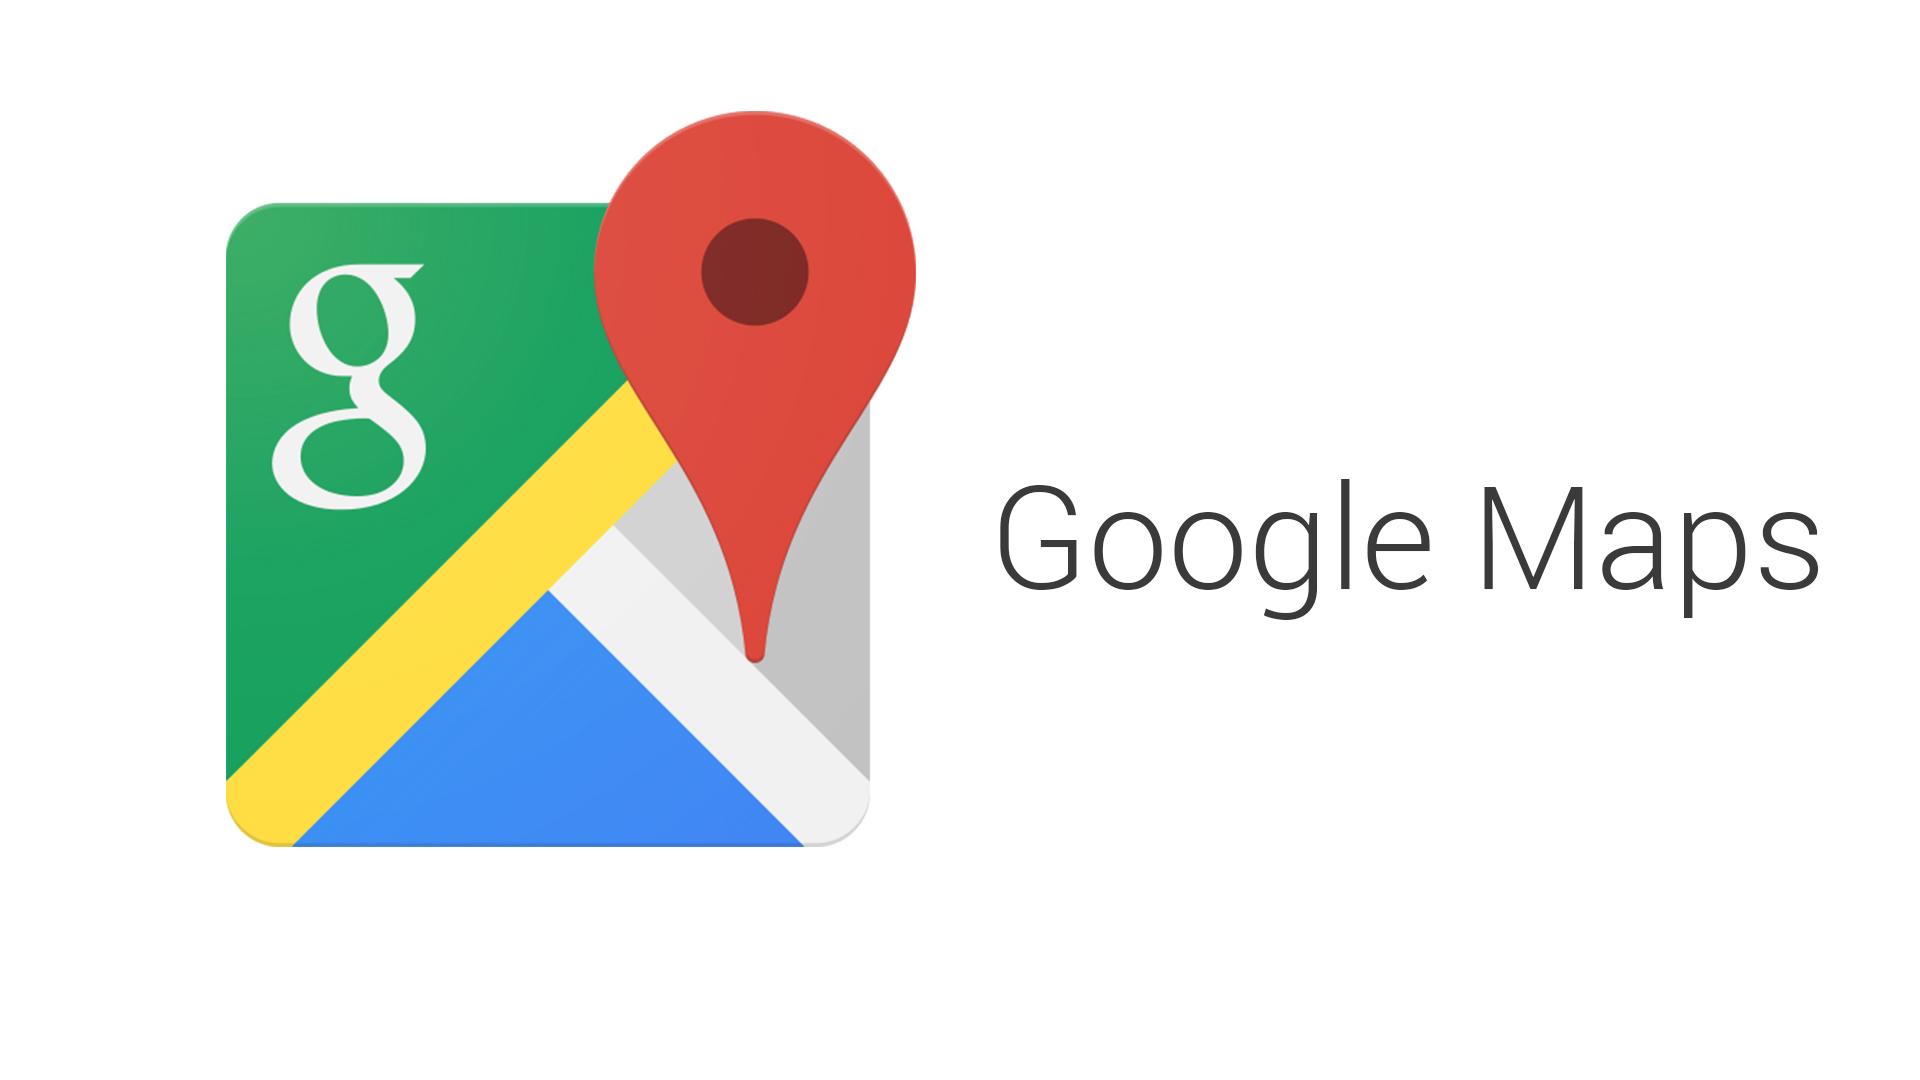 En iyi şekilde google maps kullanımı 5 ipucu